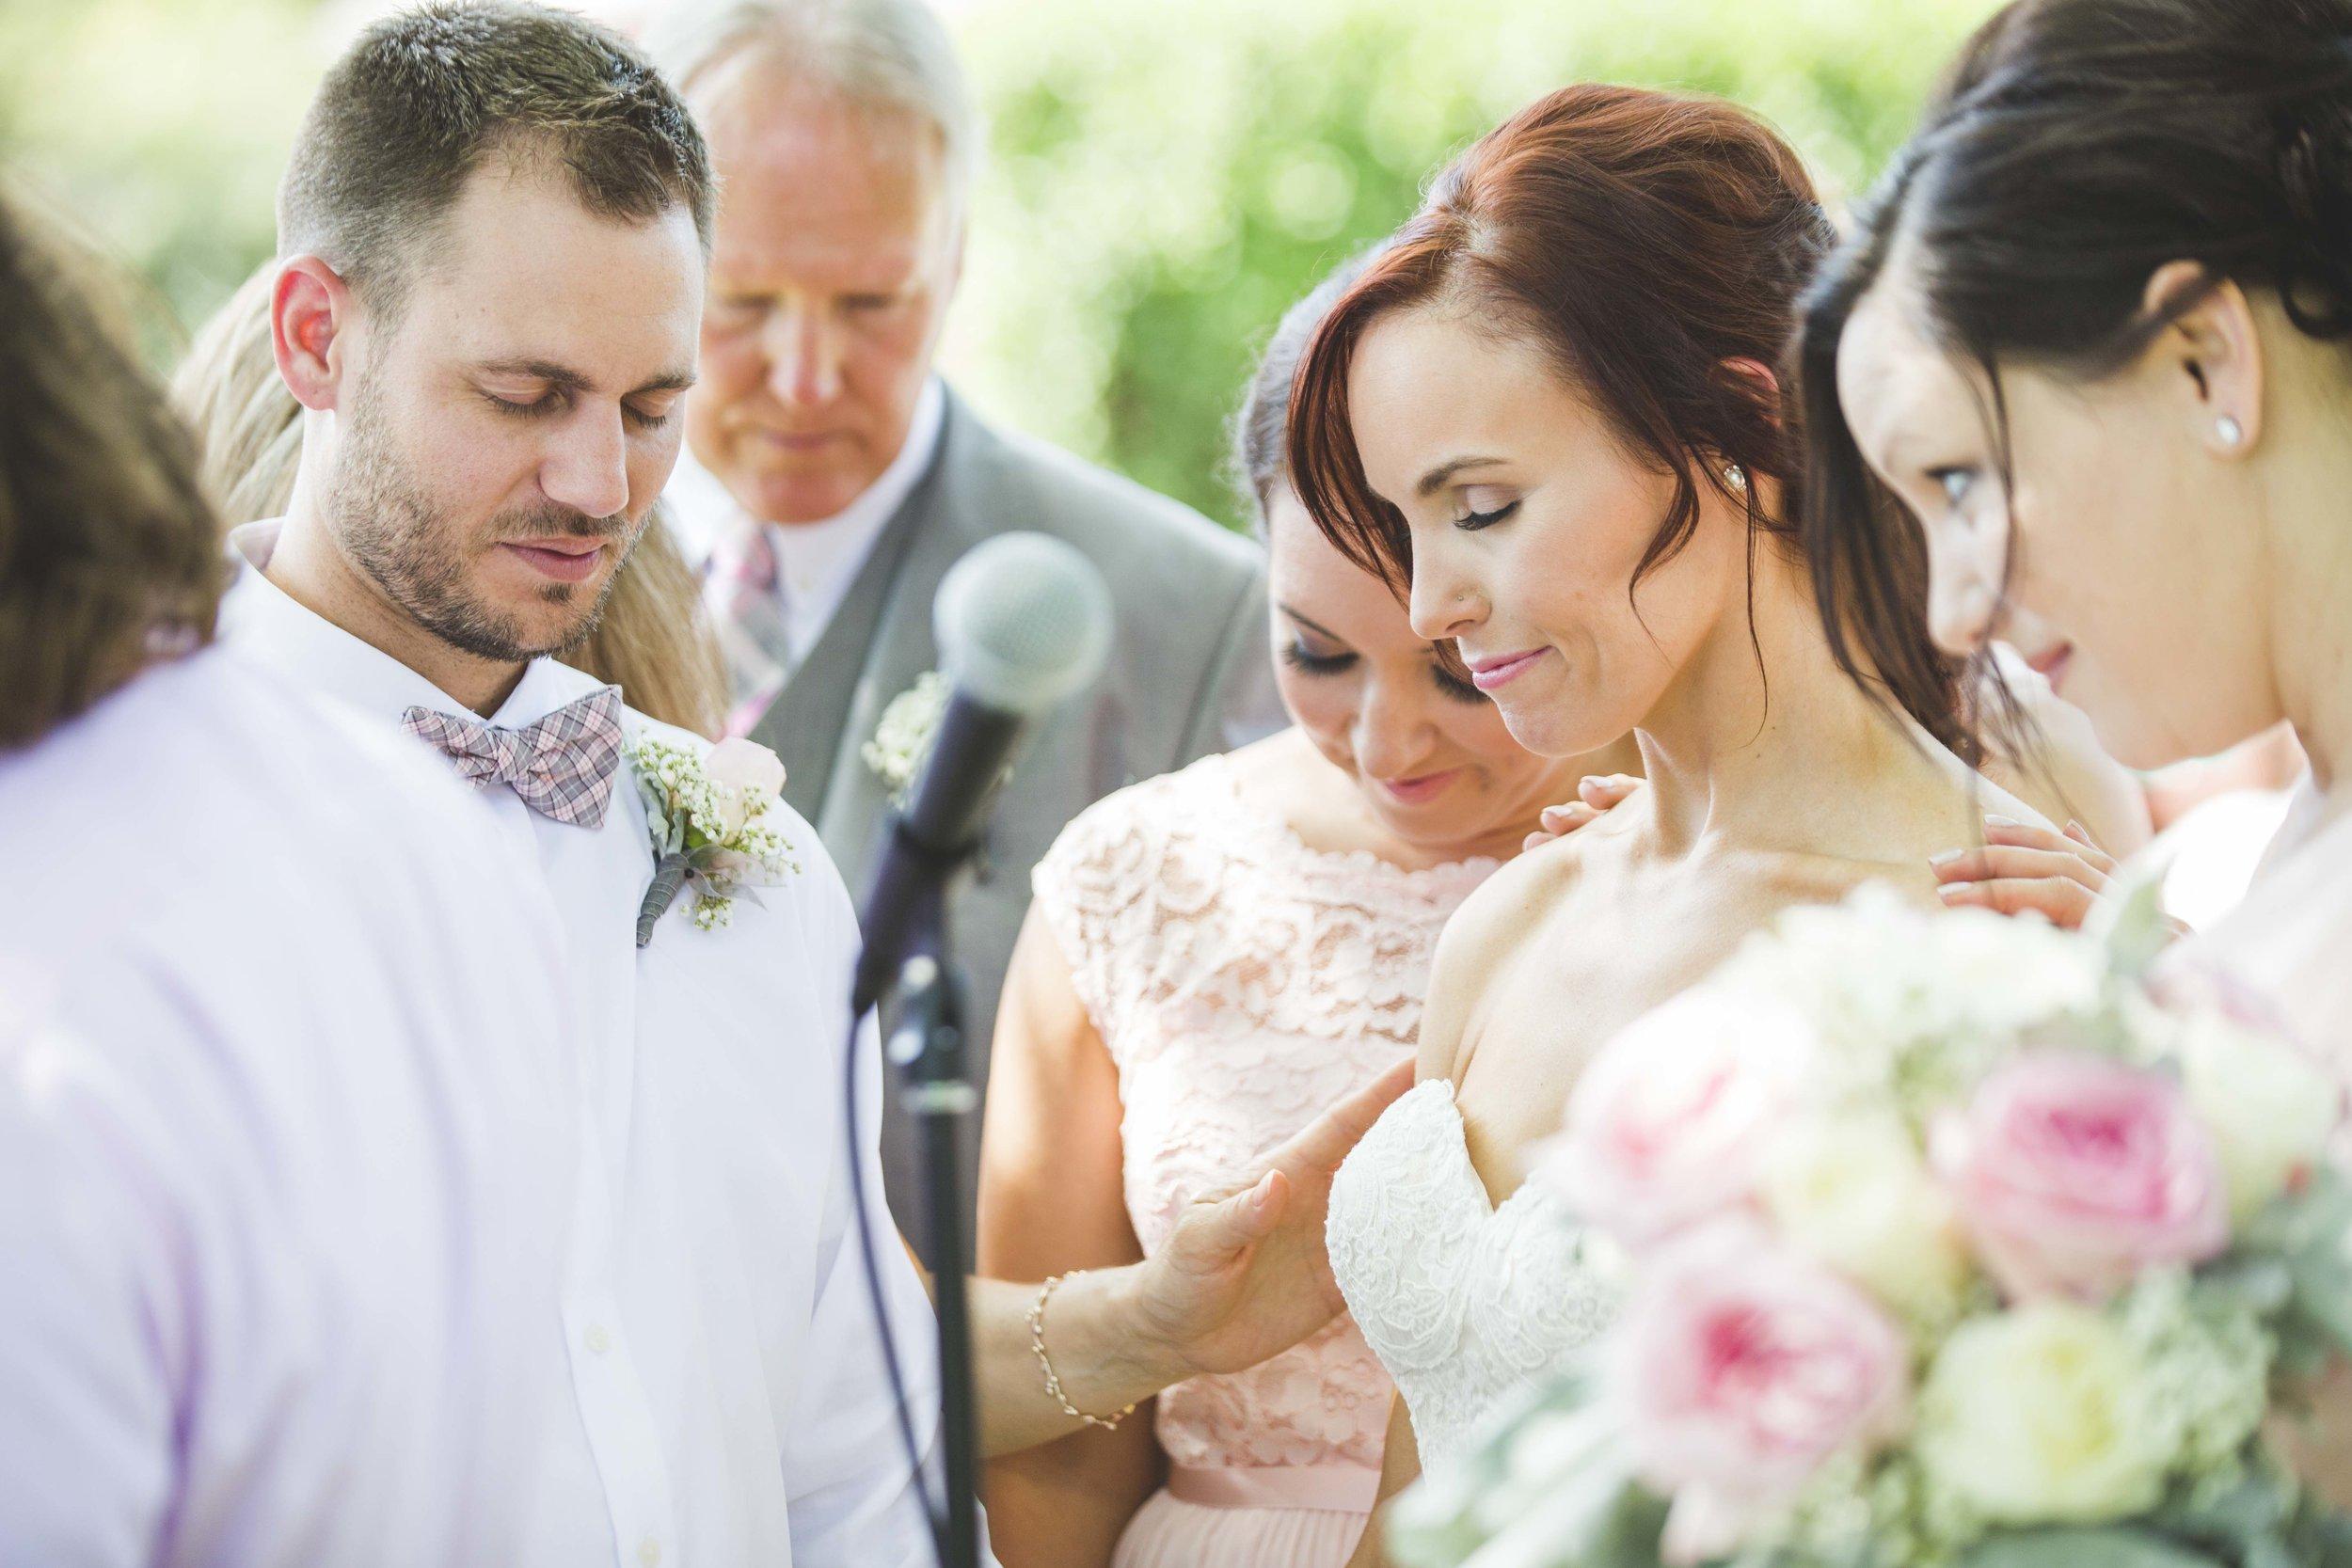 ATGI_Susanna & Matt Wedding_717A7839.jpg